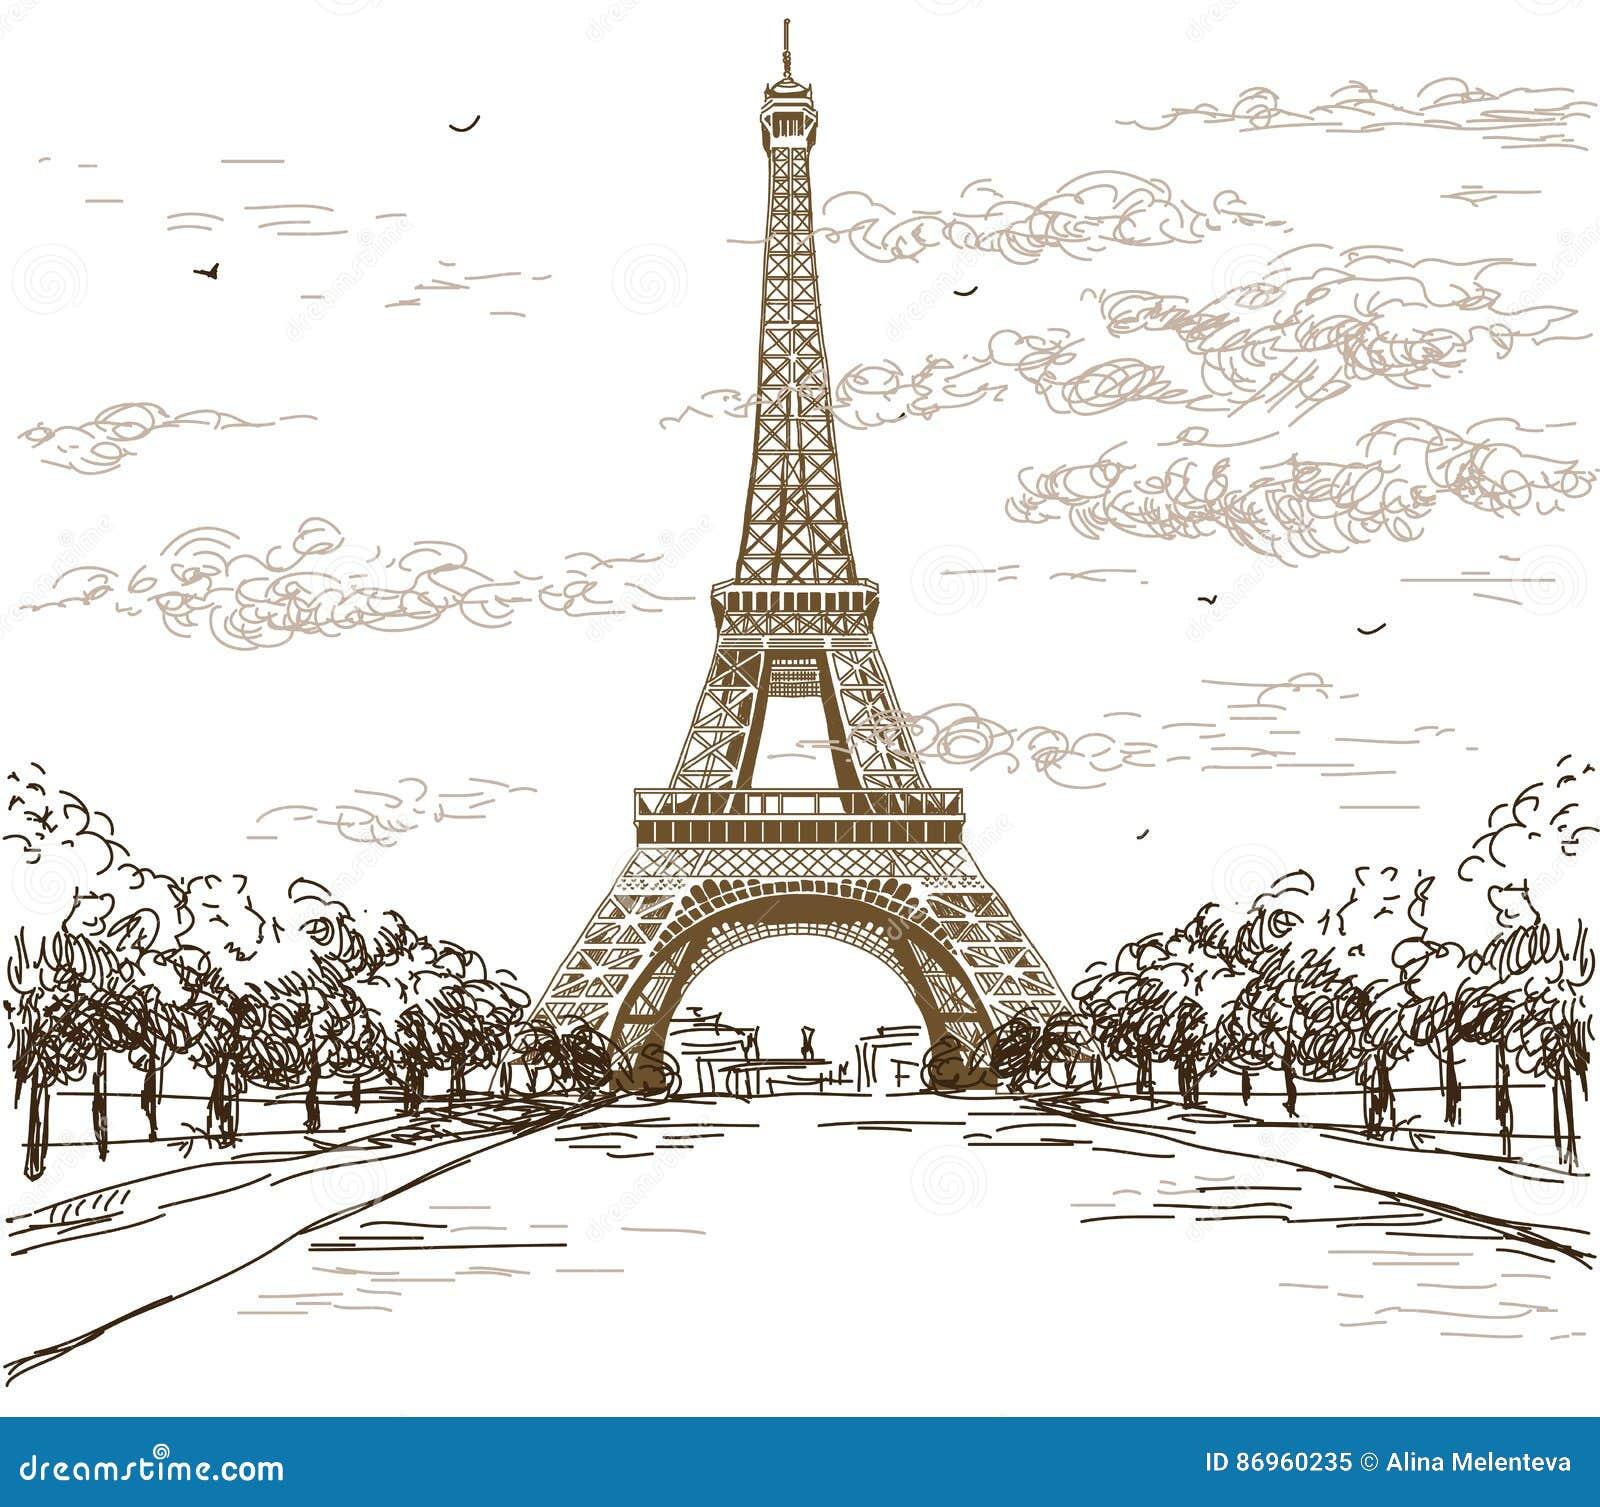 Nett Eiffelturm Malvorlagen Für Kinder Zeitgenössisch - Druckbare ...